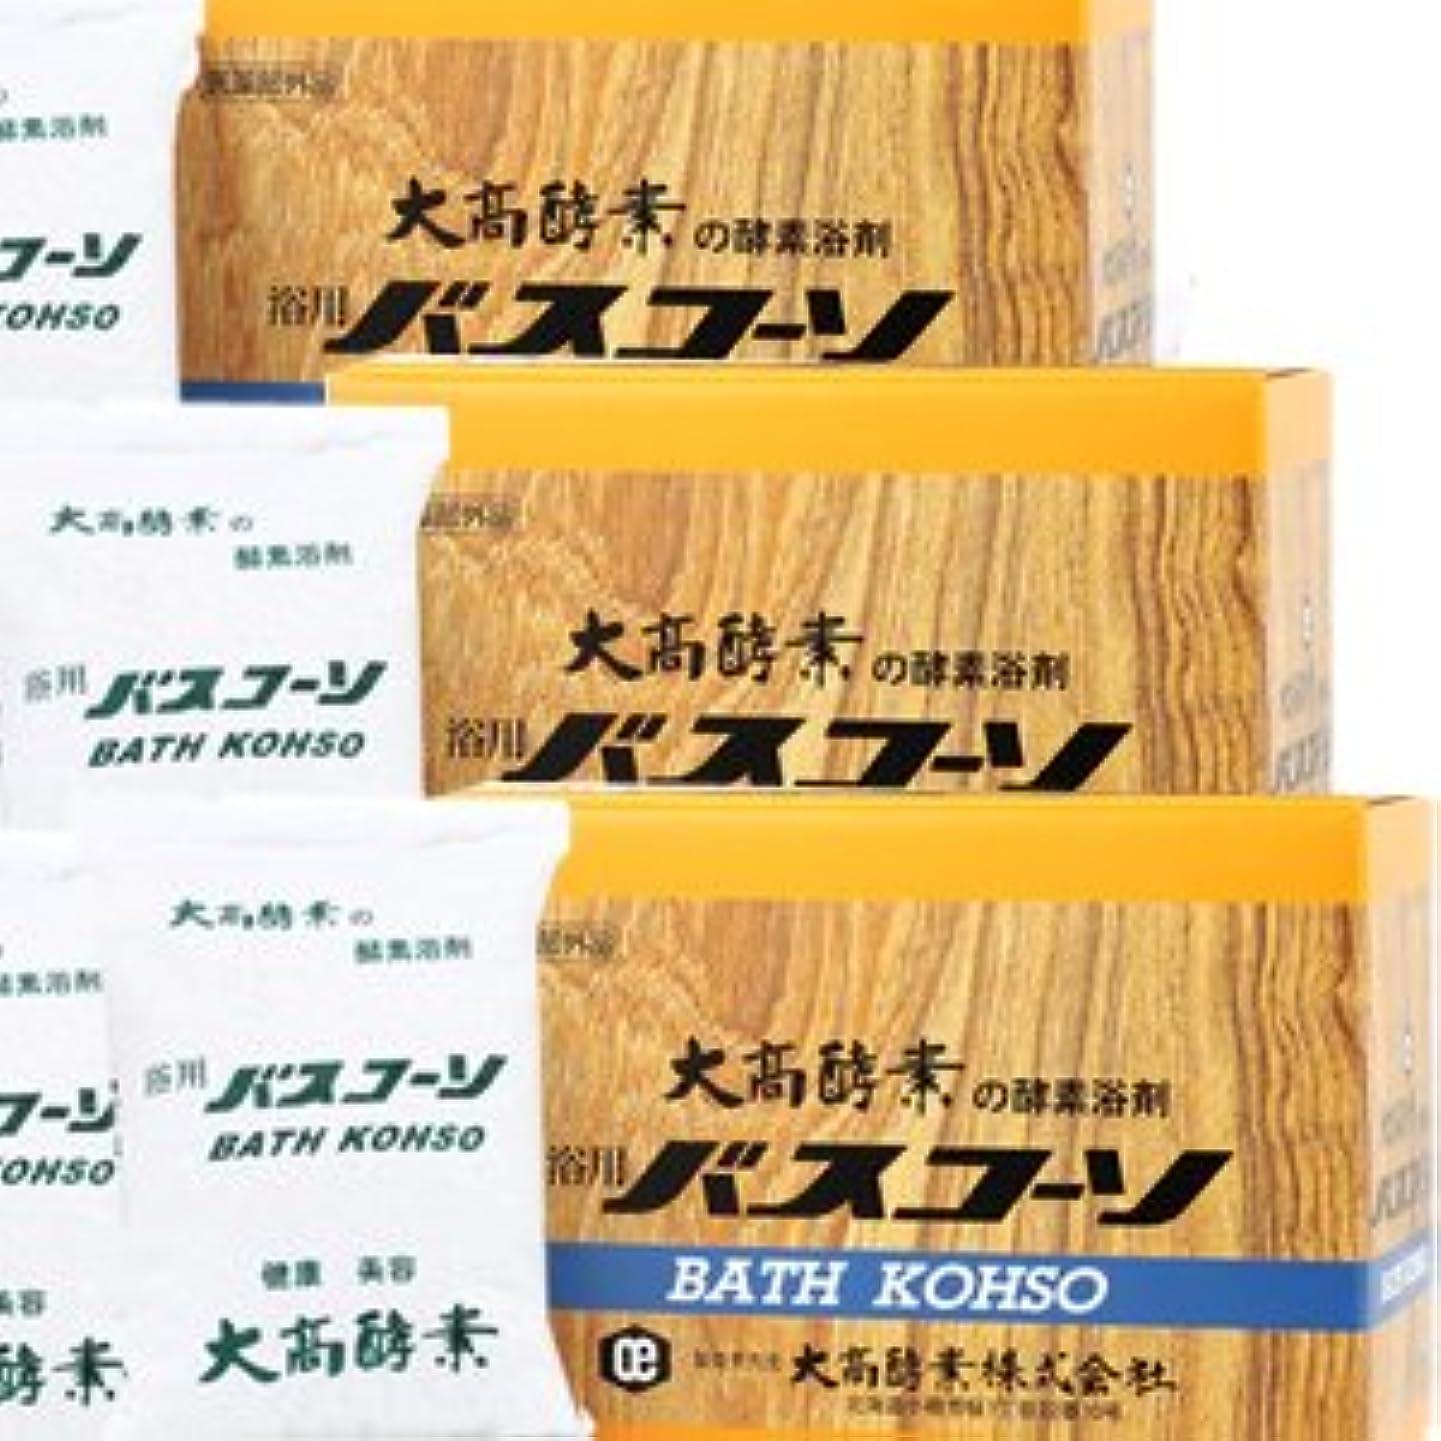 同志と闘う期待【3個】 大高酵素 バスコーソ酵素入浴剤(100g×6袋)x3個 4971578001095